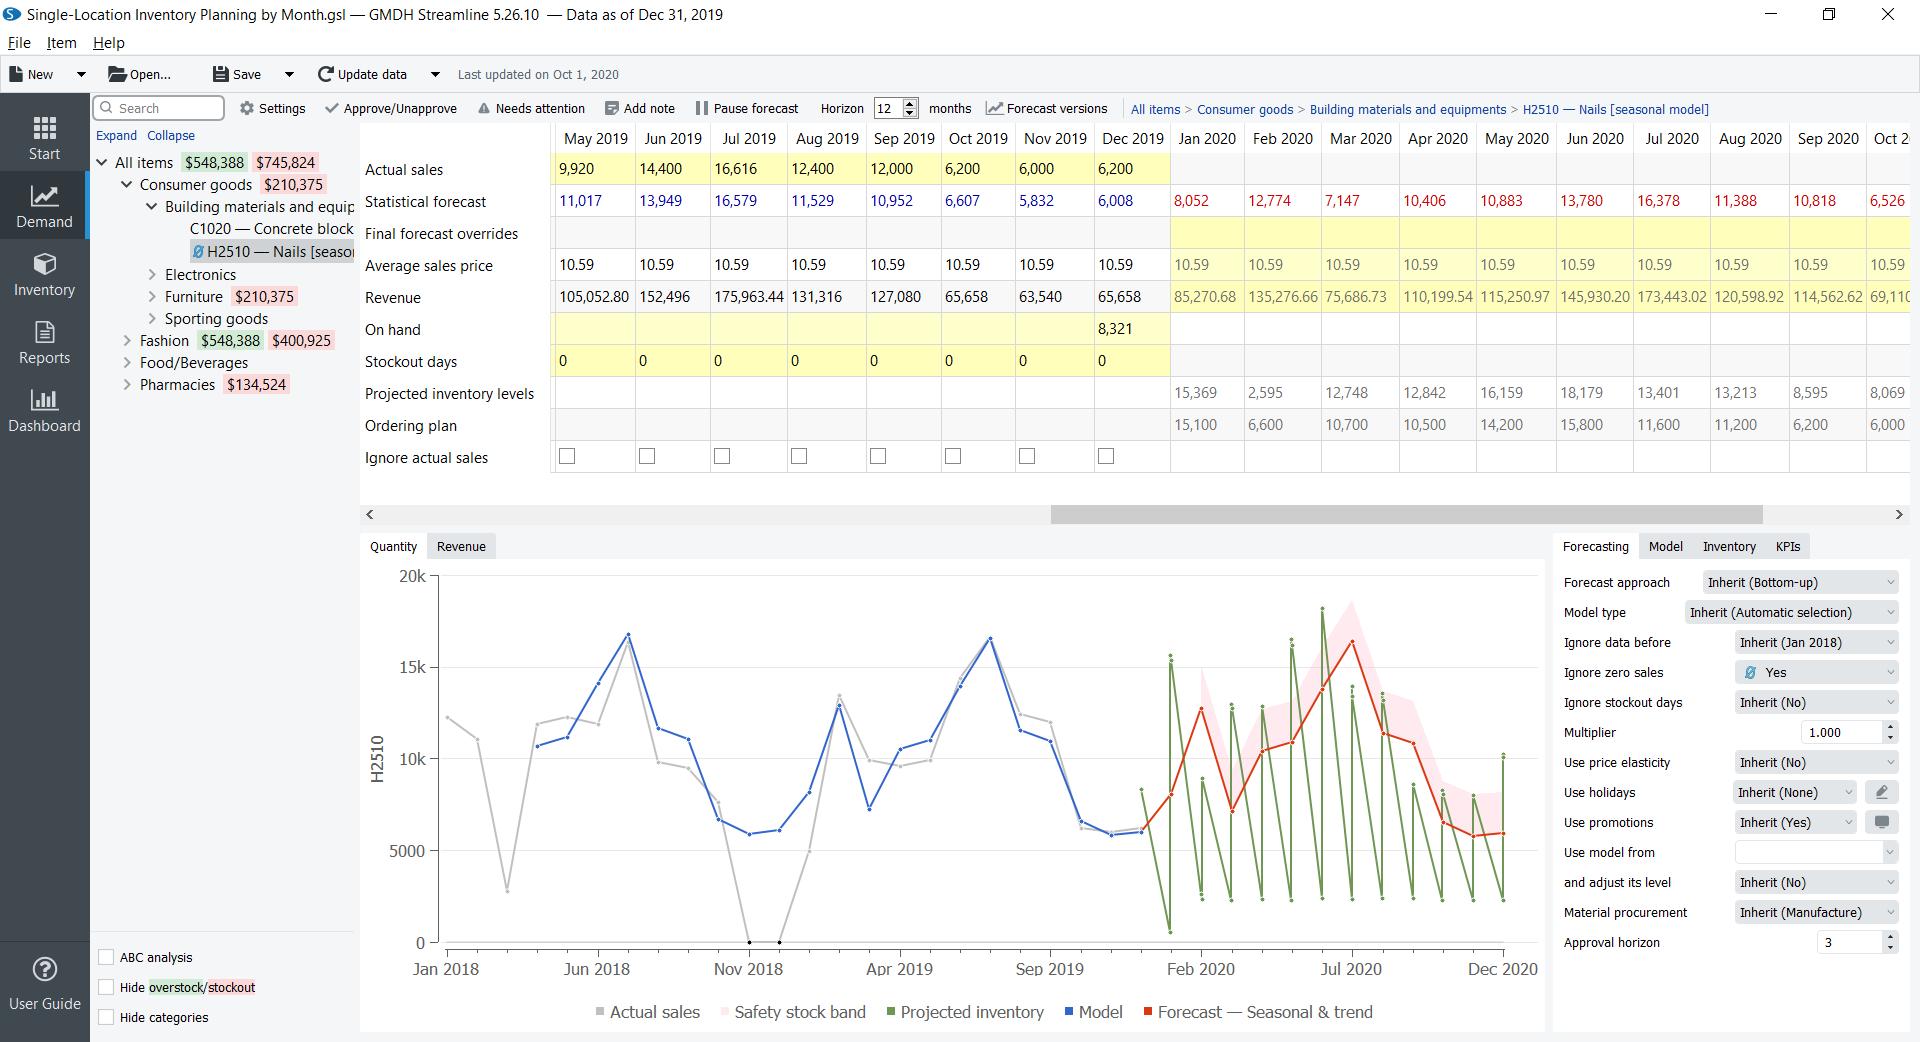 Zrzut ekranu przedstawiający wymianę szablonu GMDH Streamline do planowania zapasów Excel